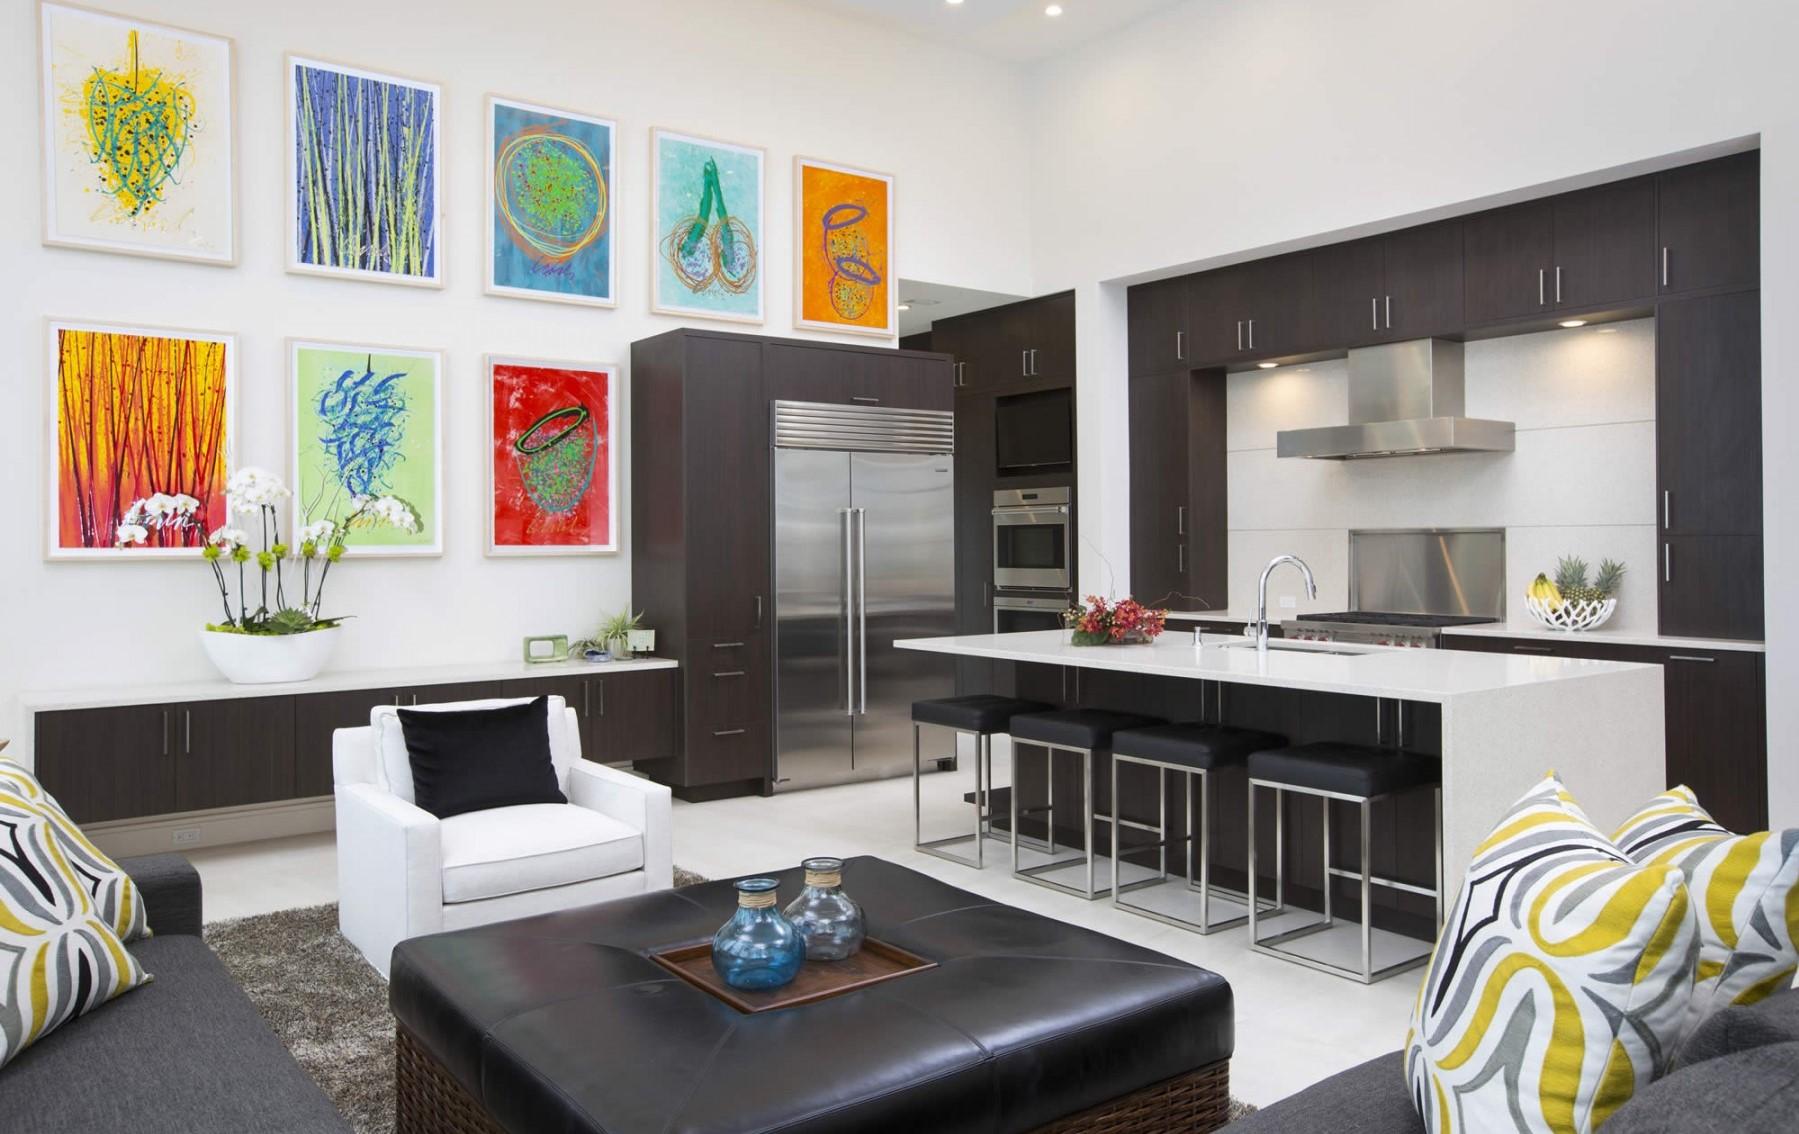 Модульные картины на кухню в интерьере: маленькие, черно-белые современные, 3д - распечатать и в какую цену